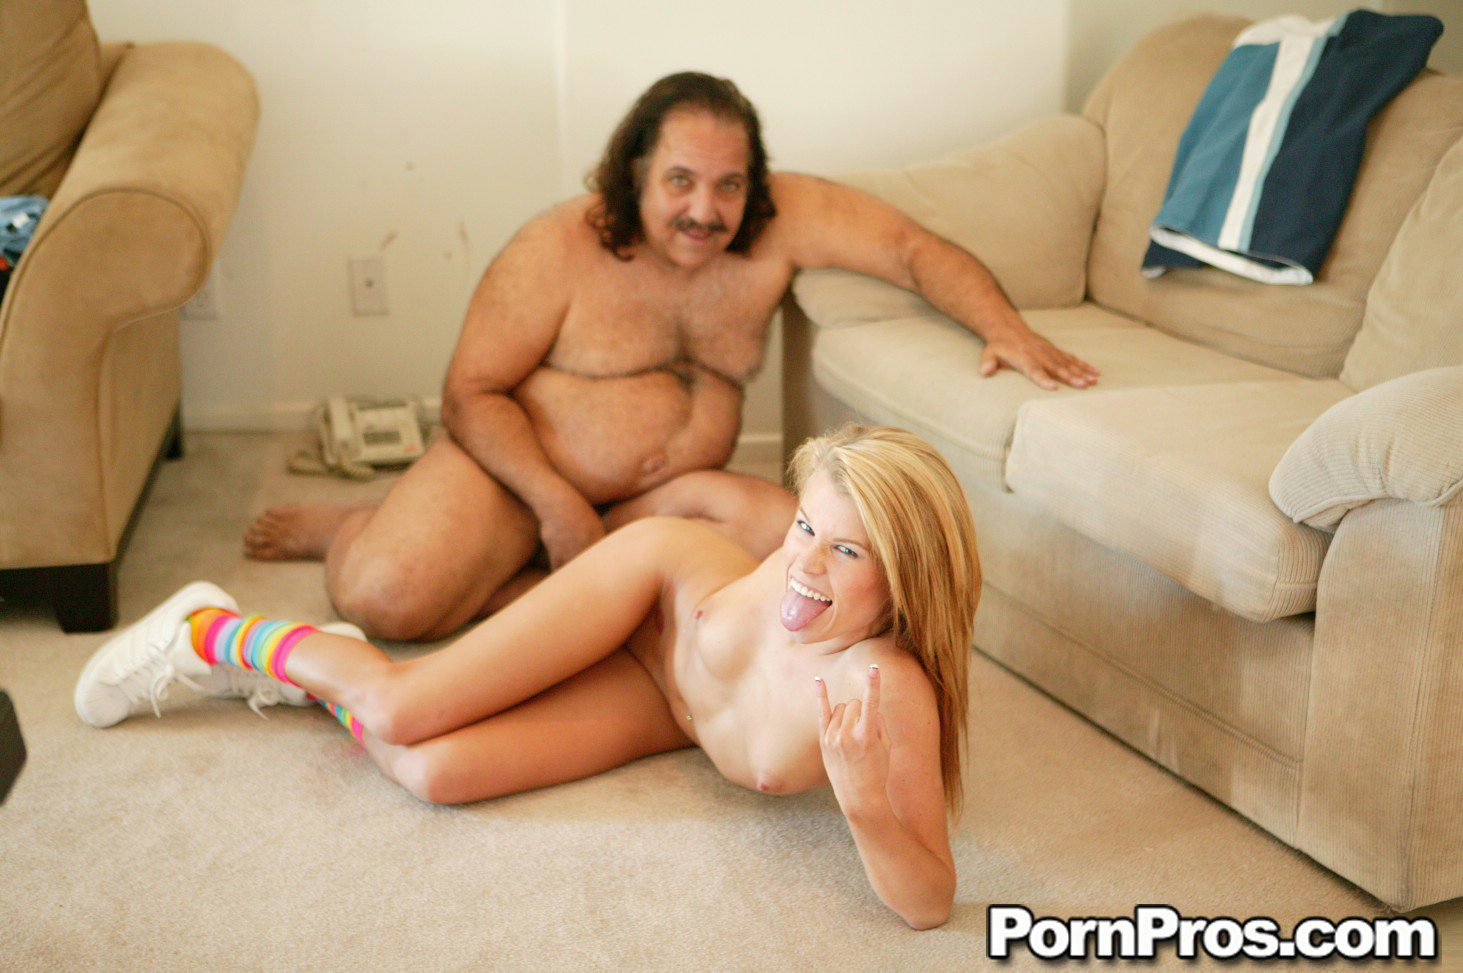 Elizabeth Berkley showgirls nude pics